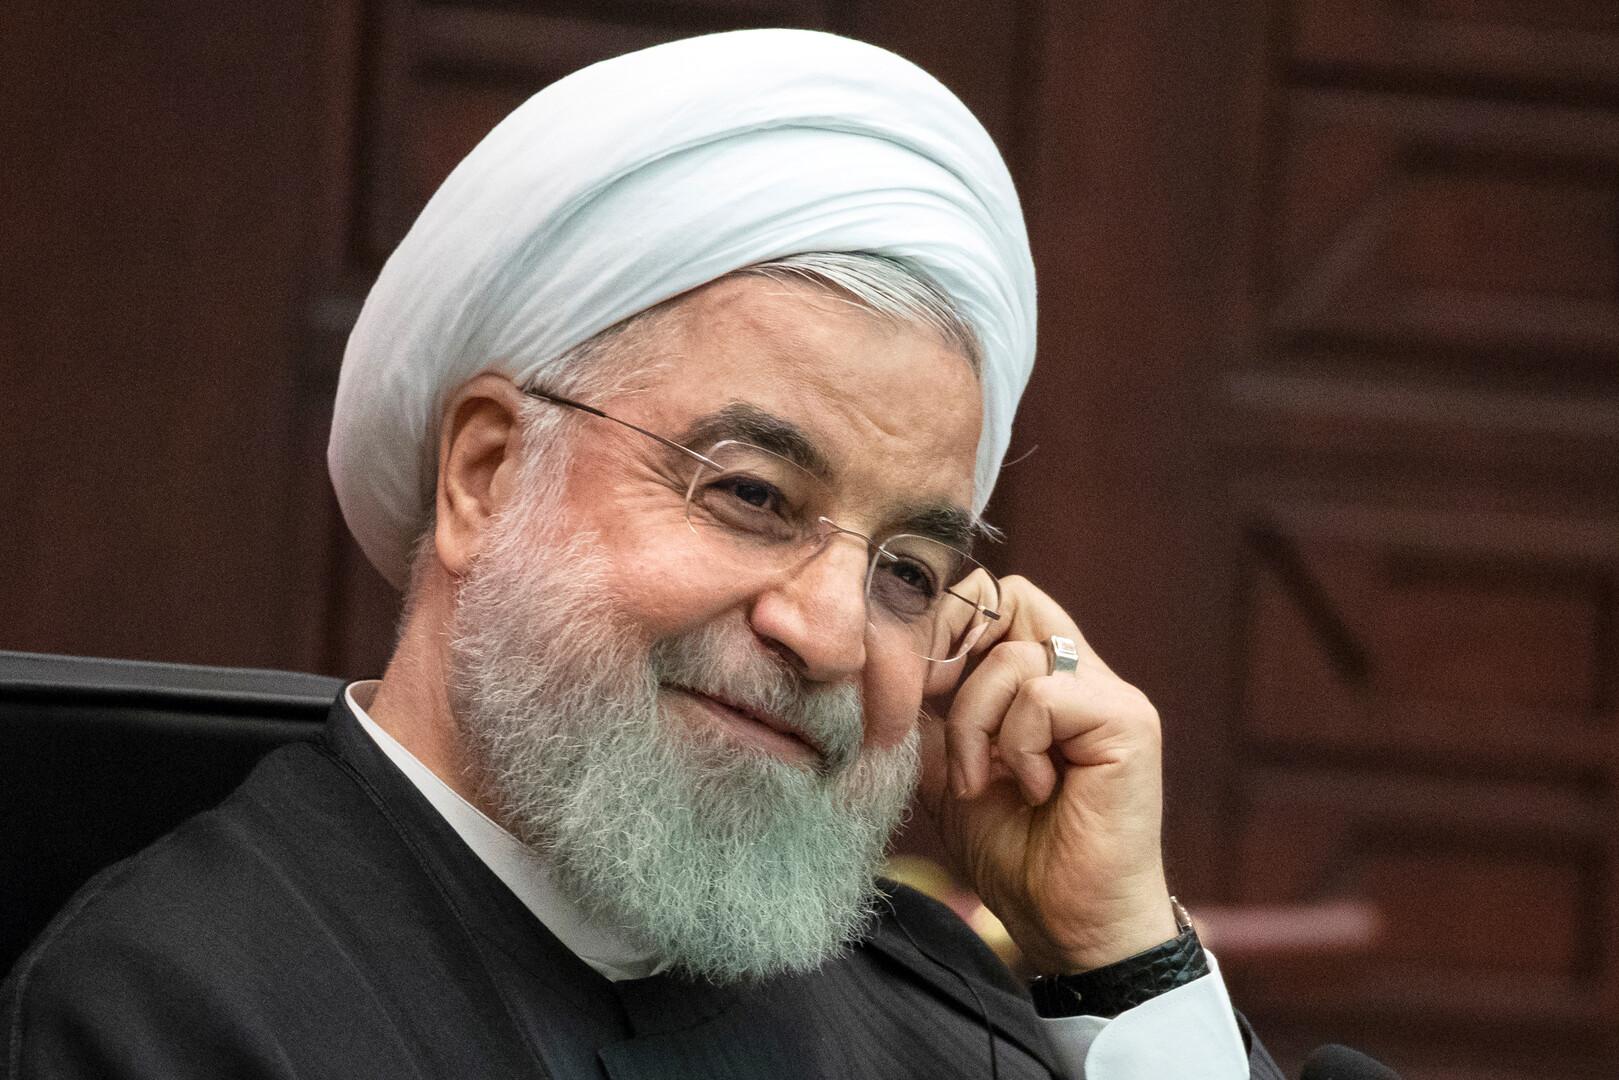 ظريف: جدول روحاني في نيويورك لا يشمل أي لقاءات مع المسؤولين الأمريكيين